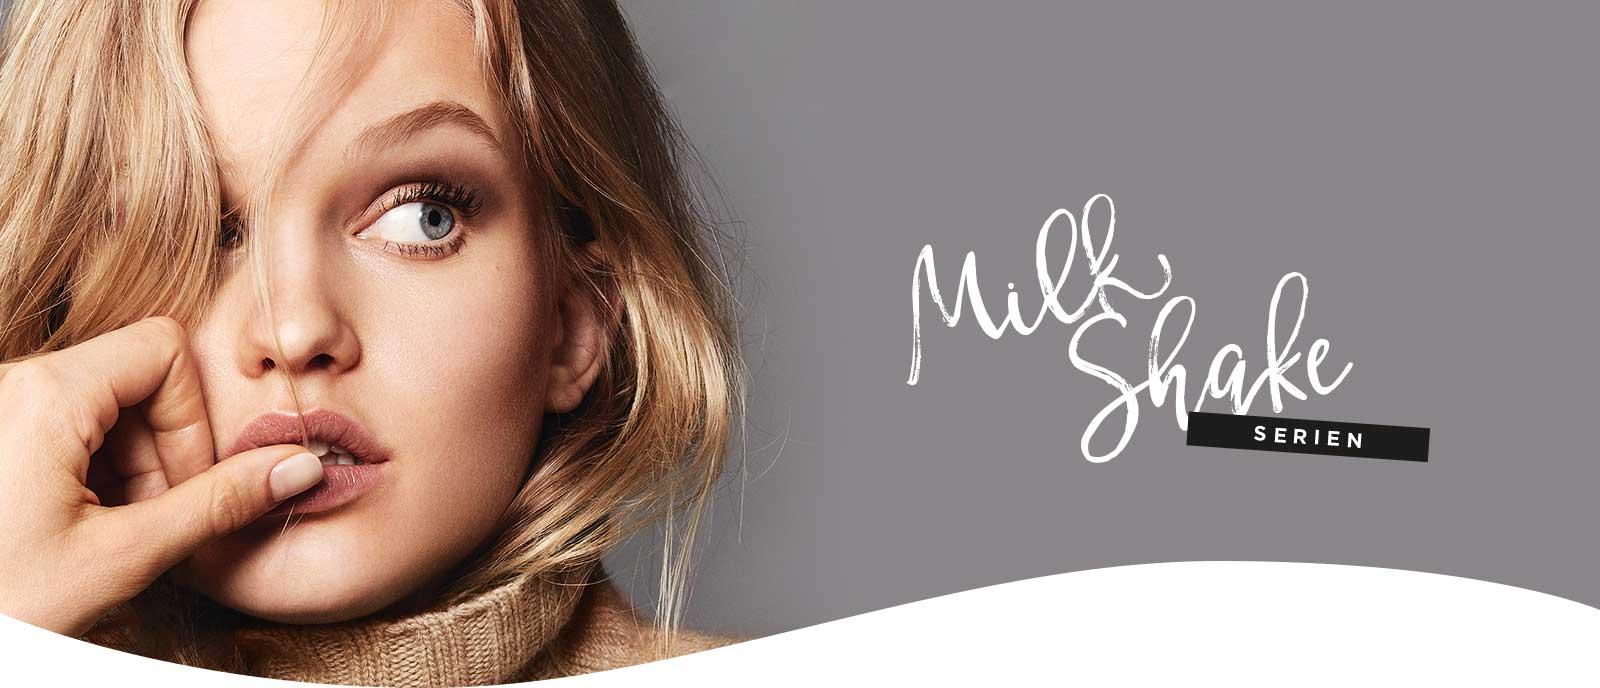 Milkshake-serien med modell och logotyp